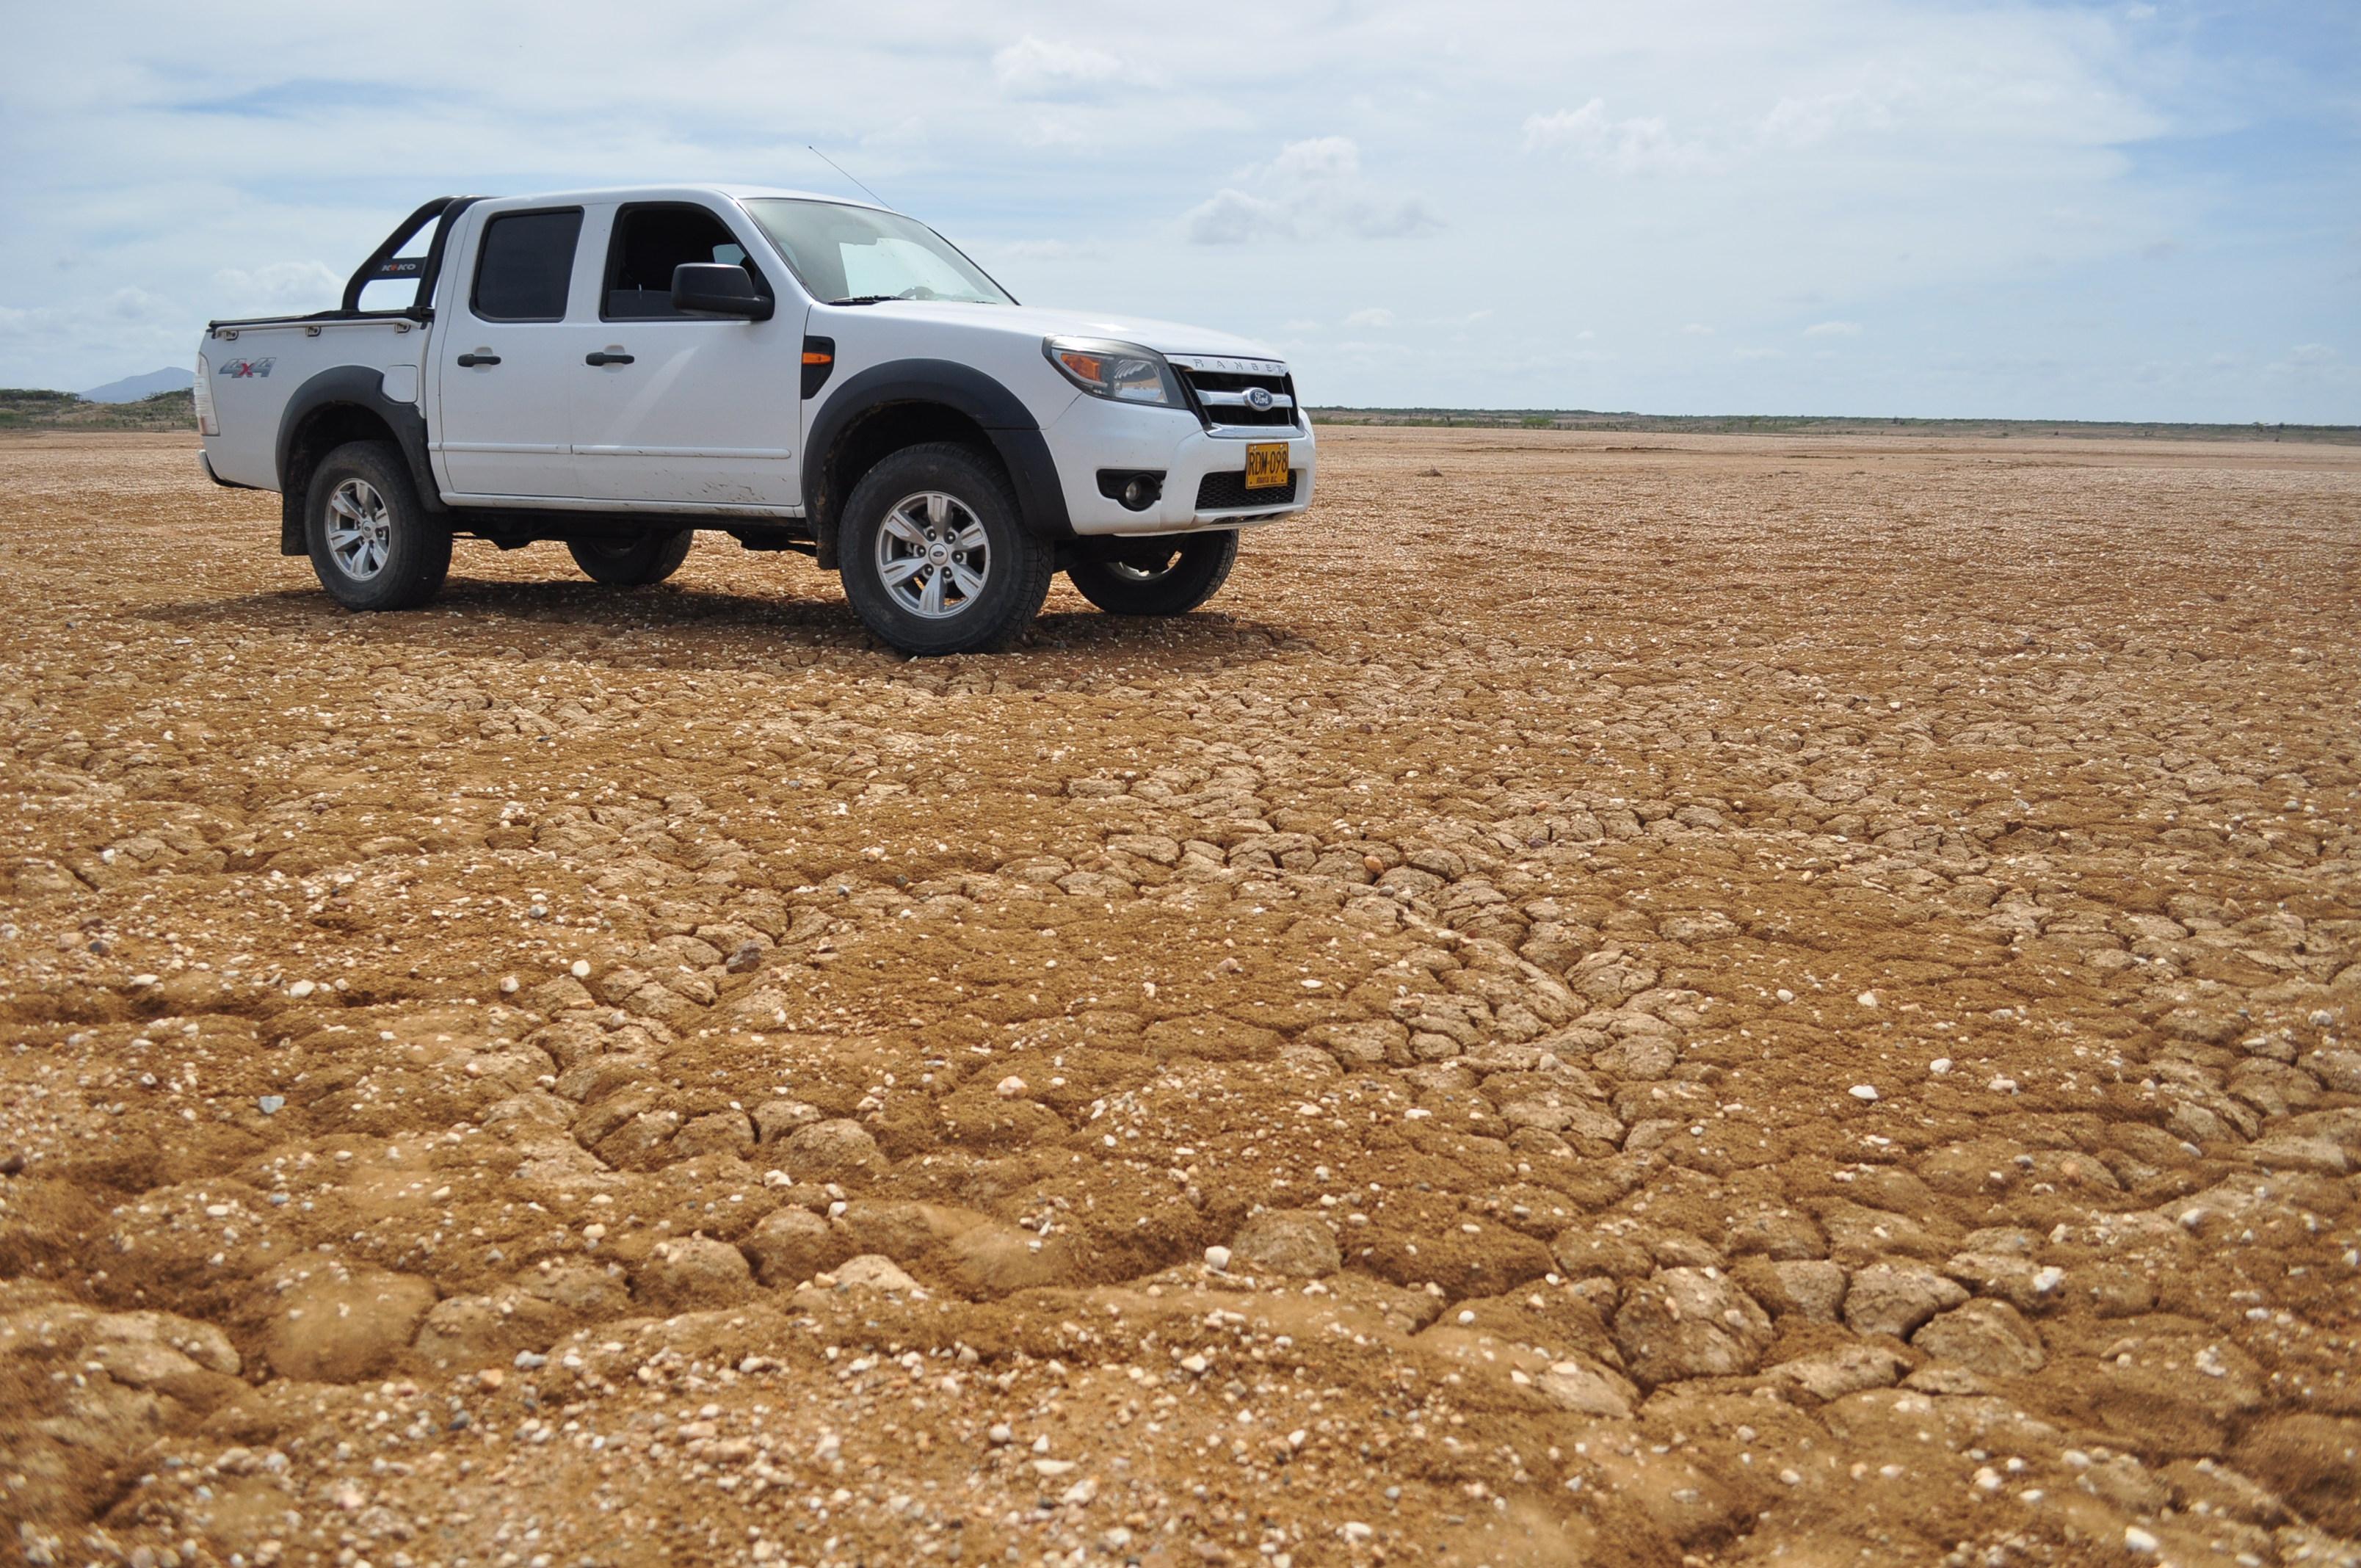 Terenowy ford pickup na półpustyni na półwyspie Guajira w Kolumbii.